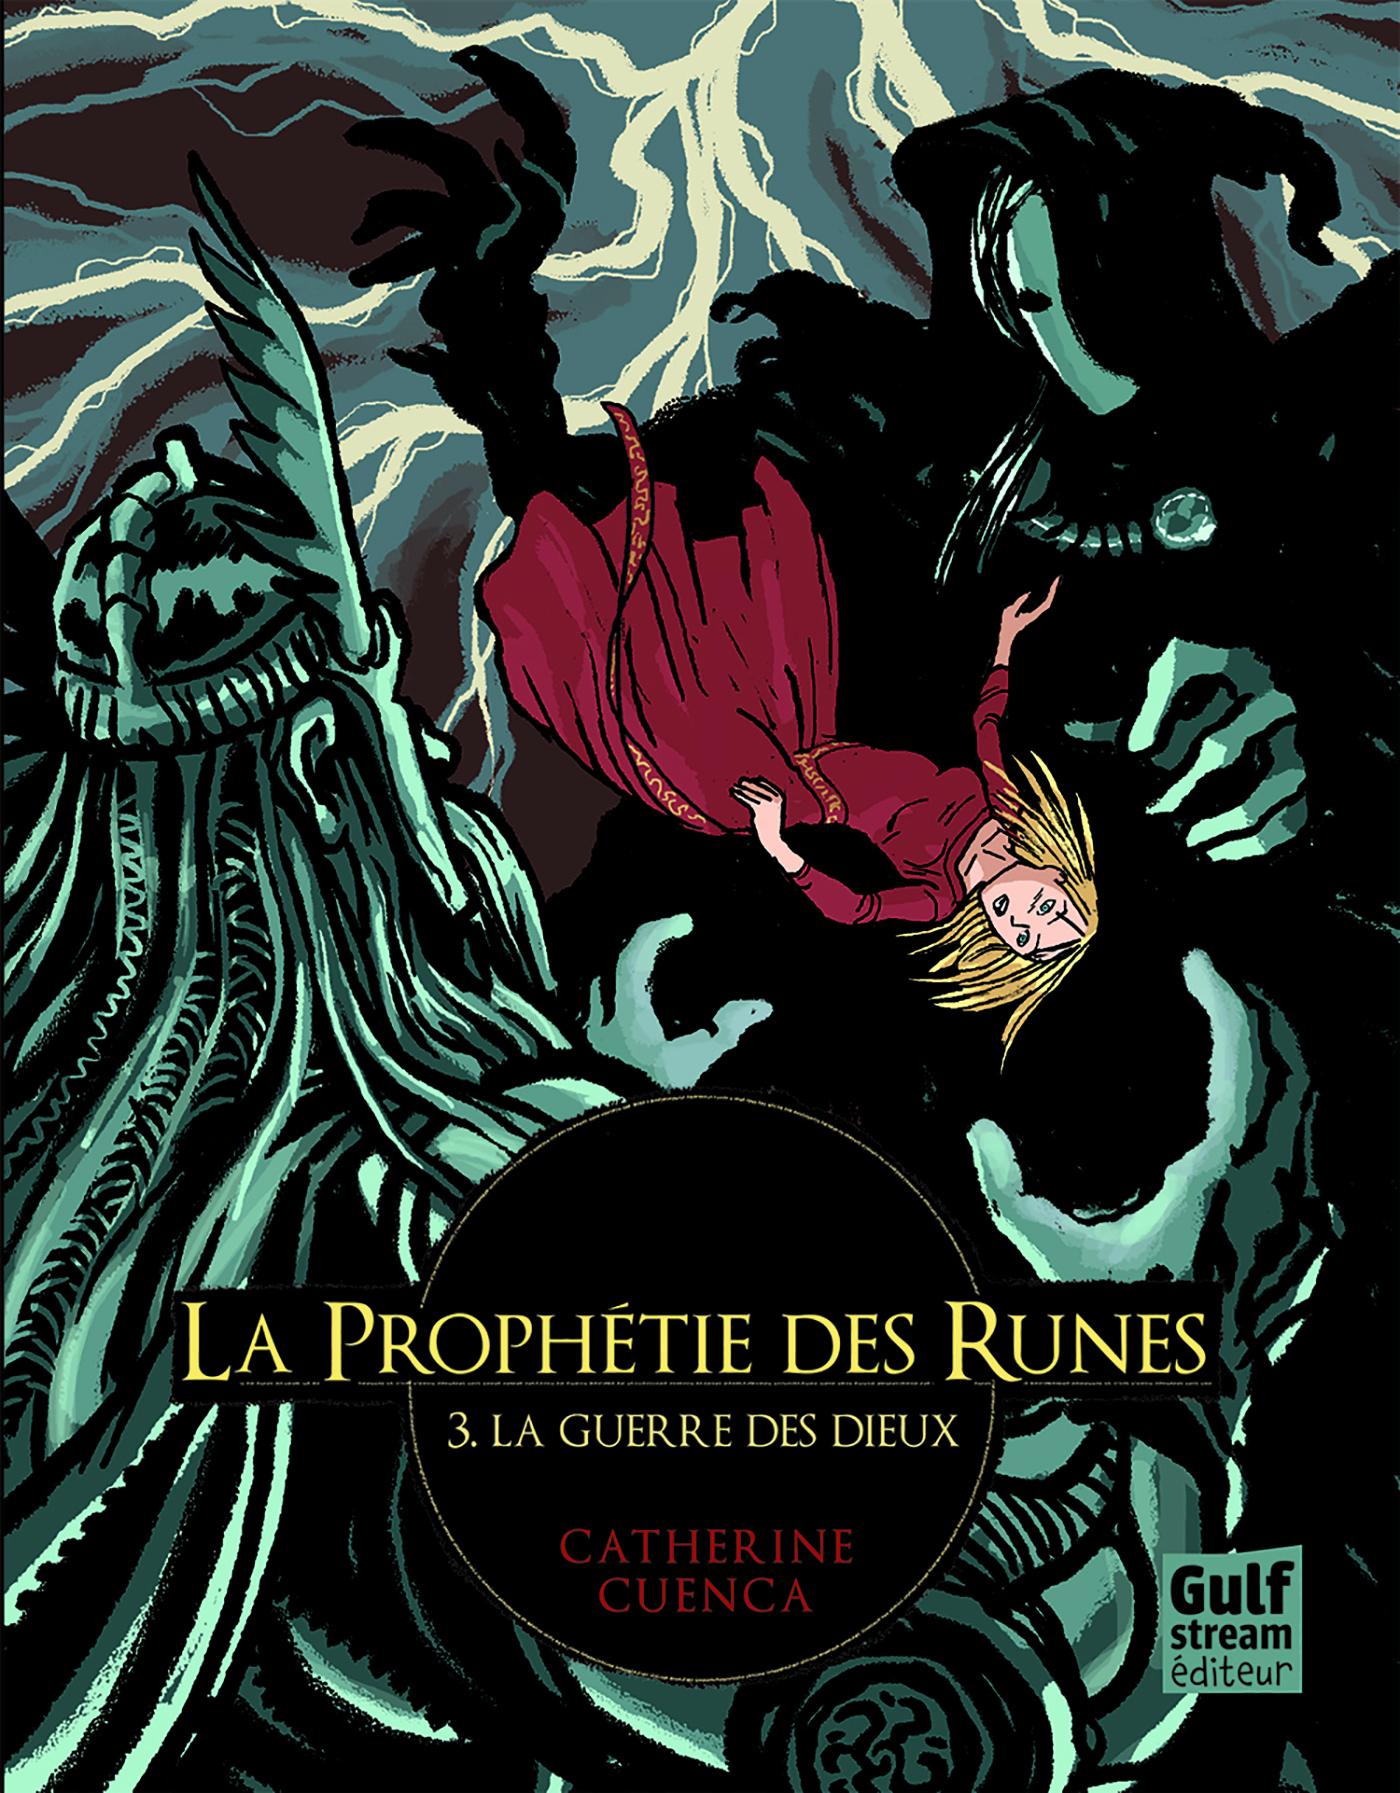 La Prophétie des Runes - to...